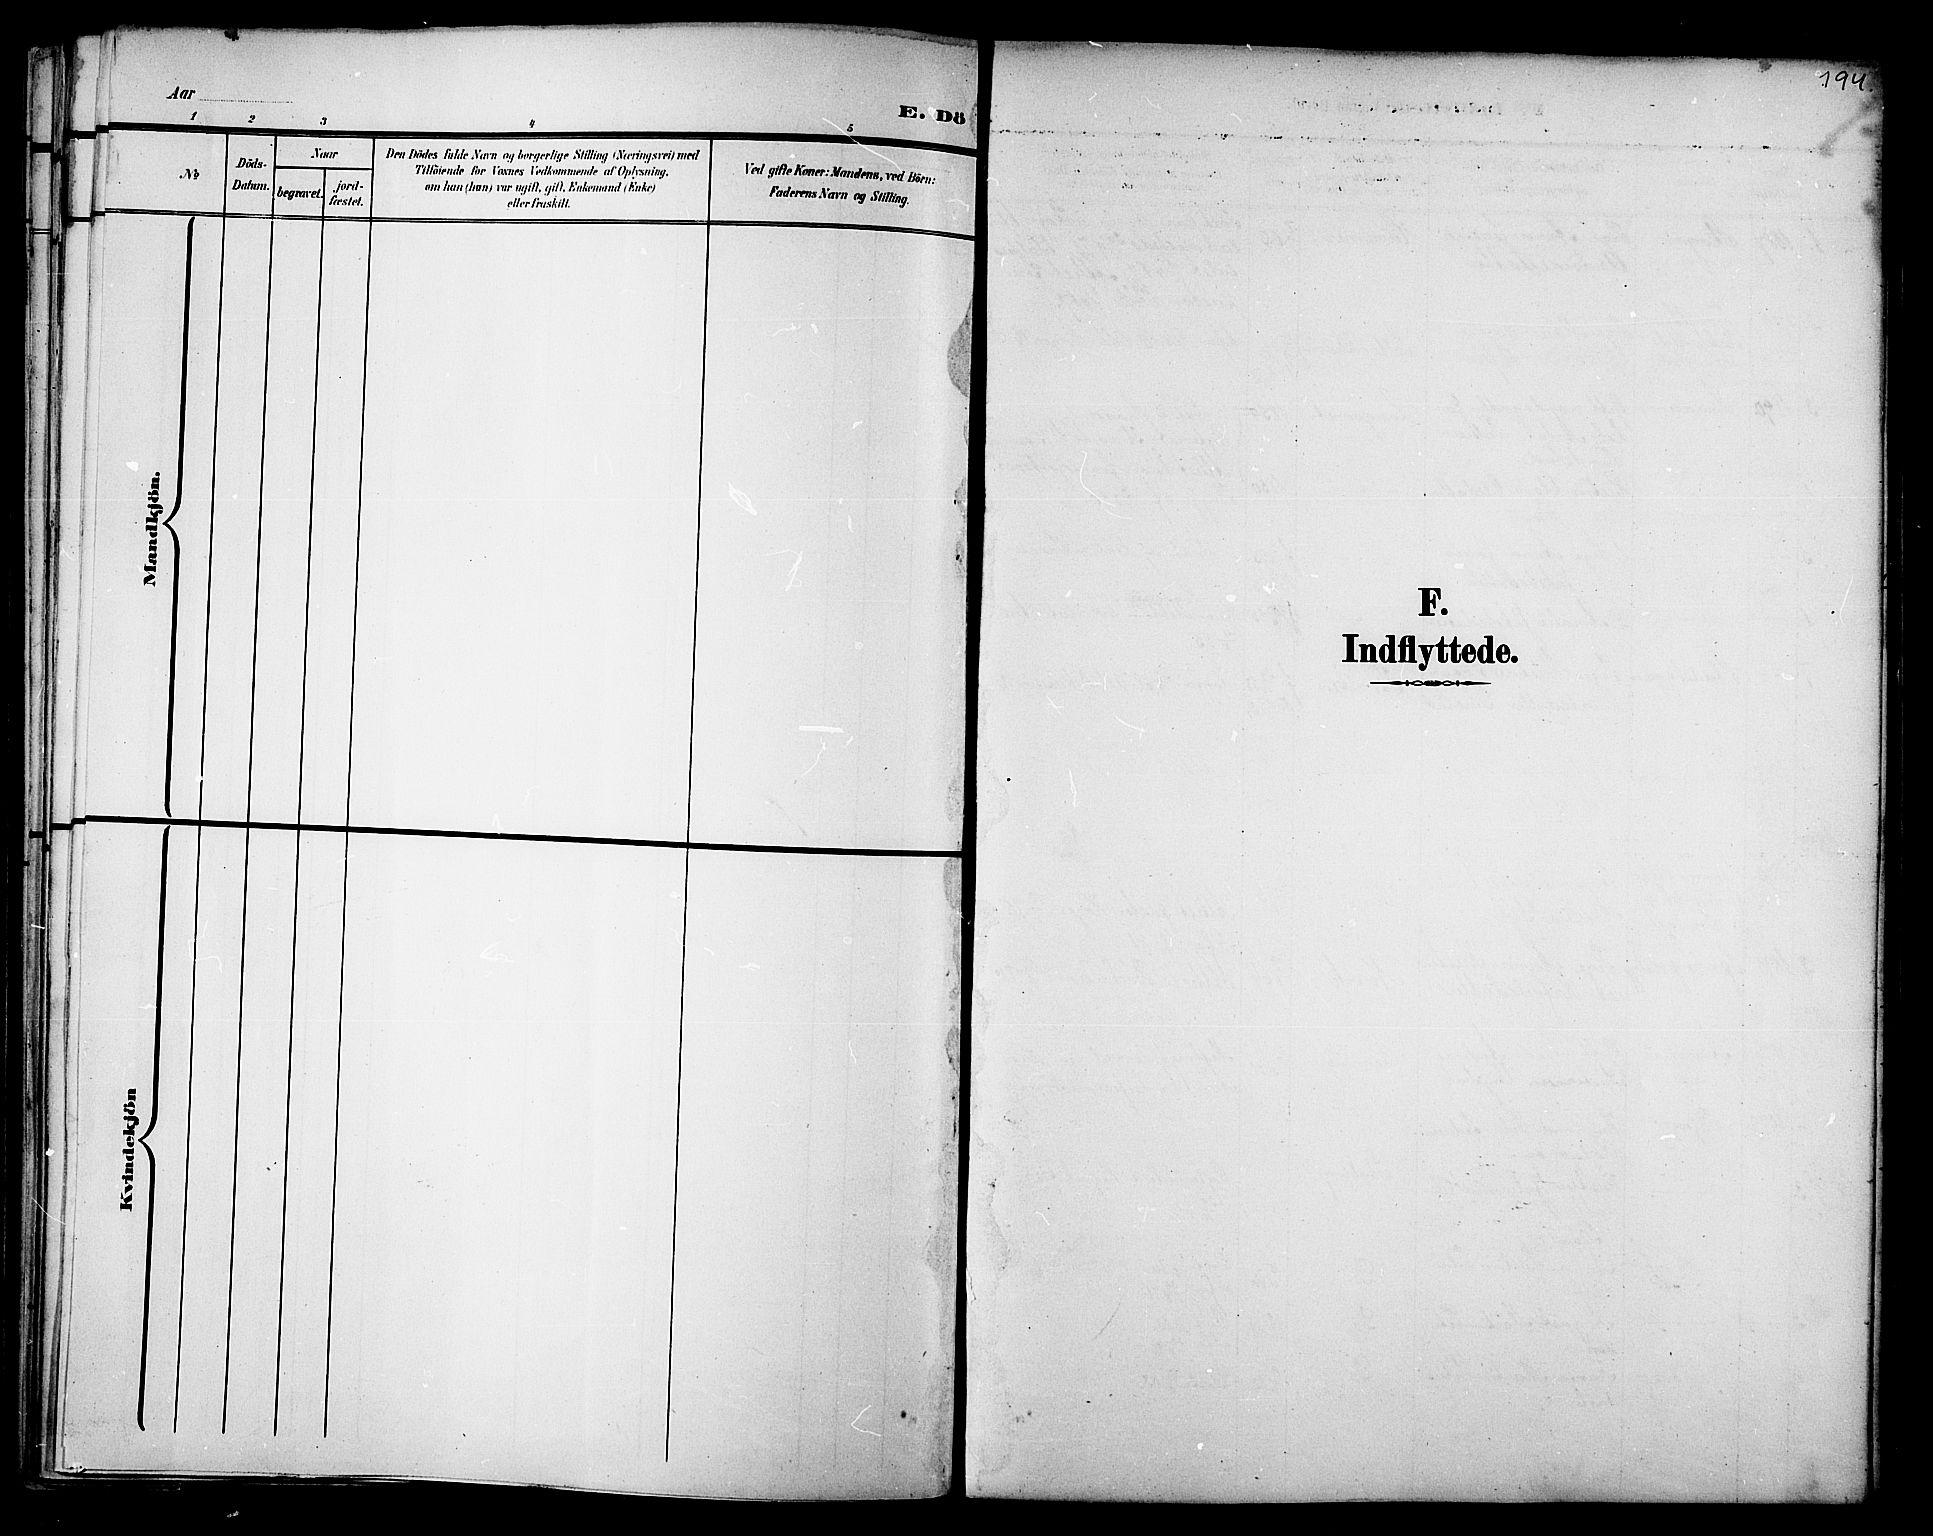 SAT, Ministerialprotokoller, klokkerbøker og fødselsregistre - Nord-Trøndelag, 733/L0327: Klokkerbok nr. 733C02, 1888-1918, s. 194